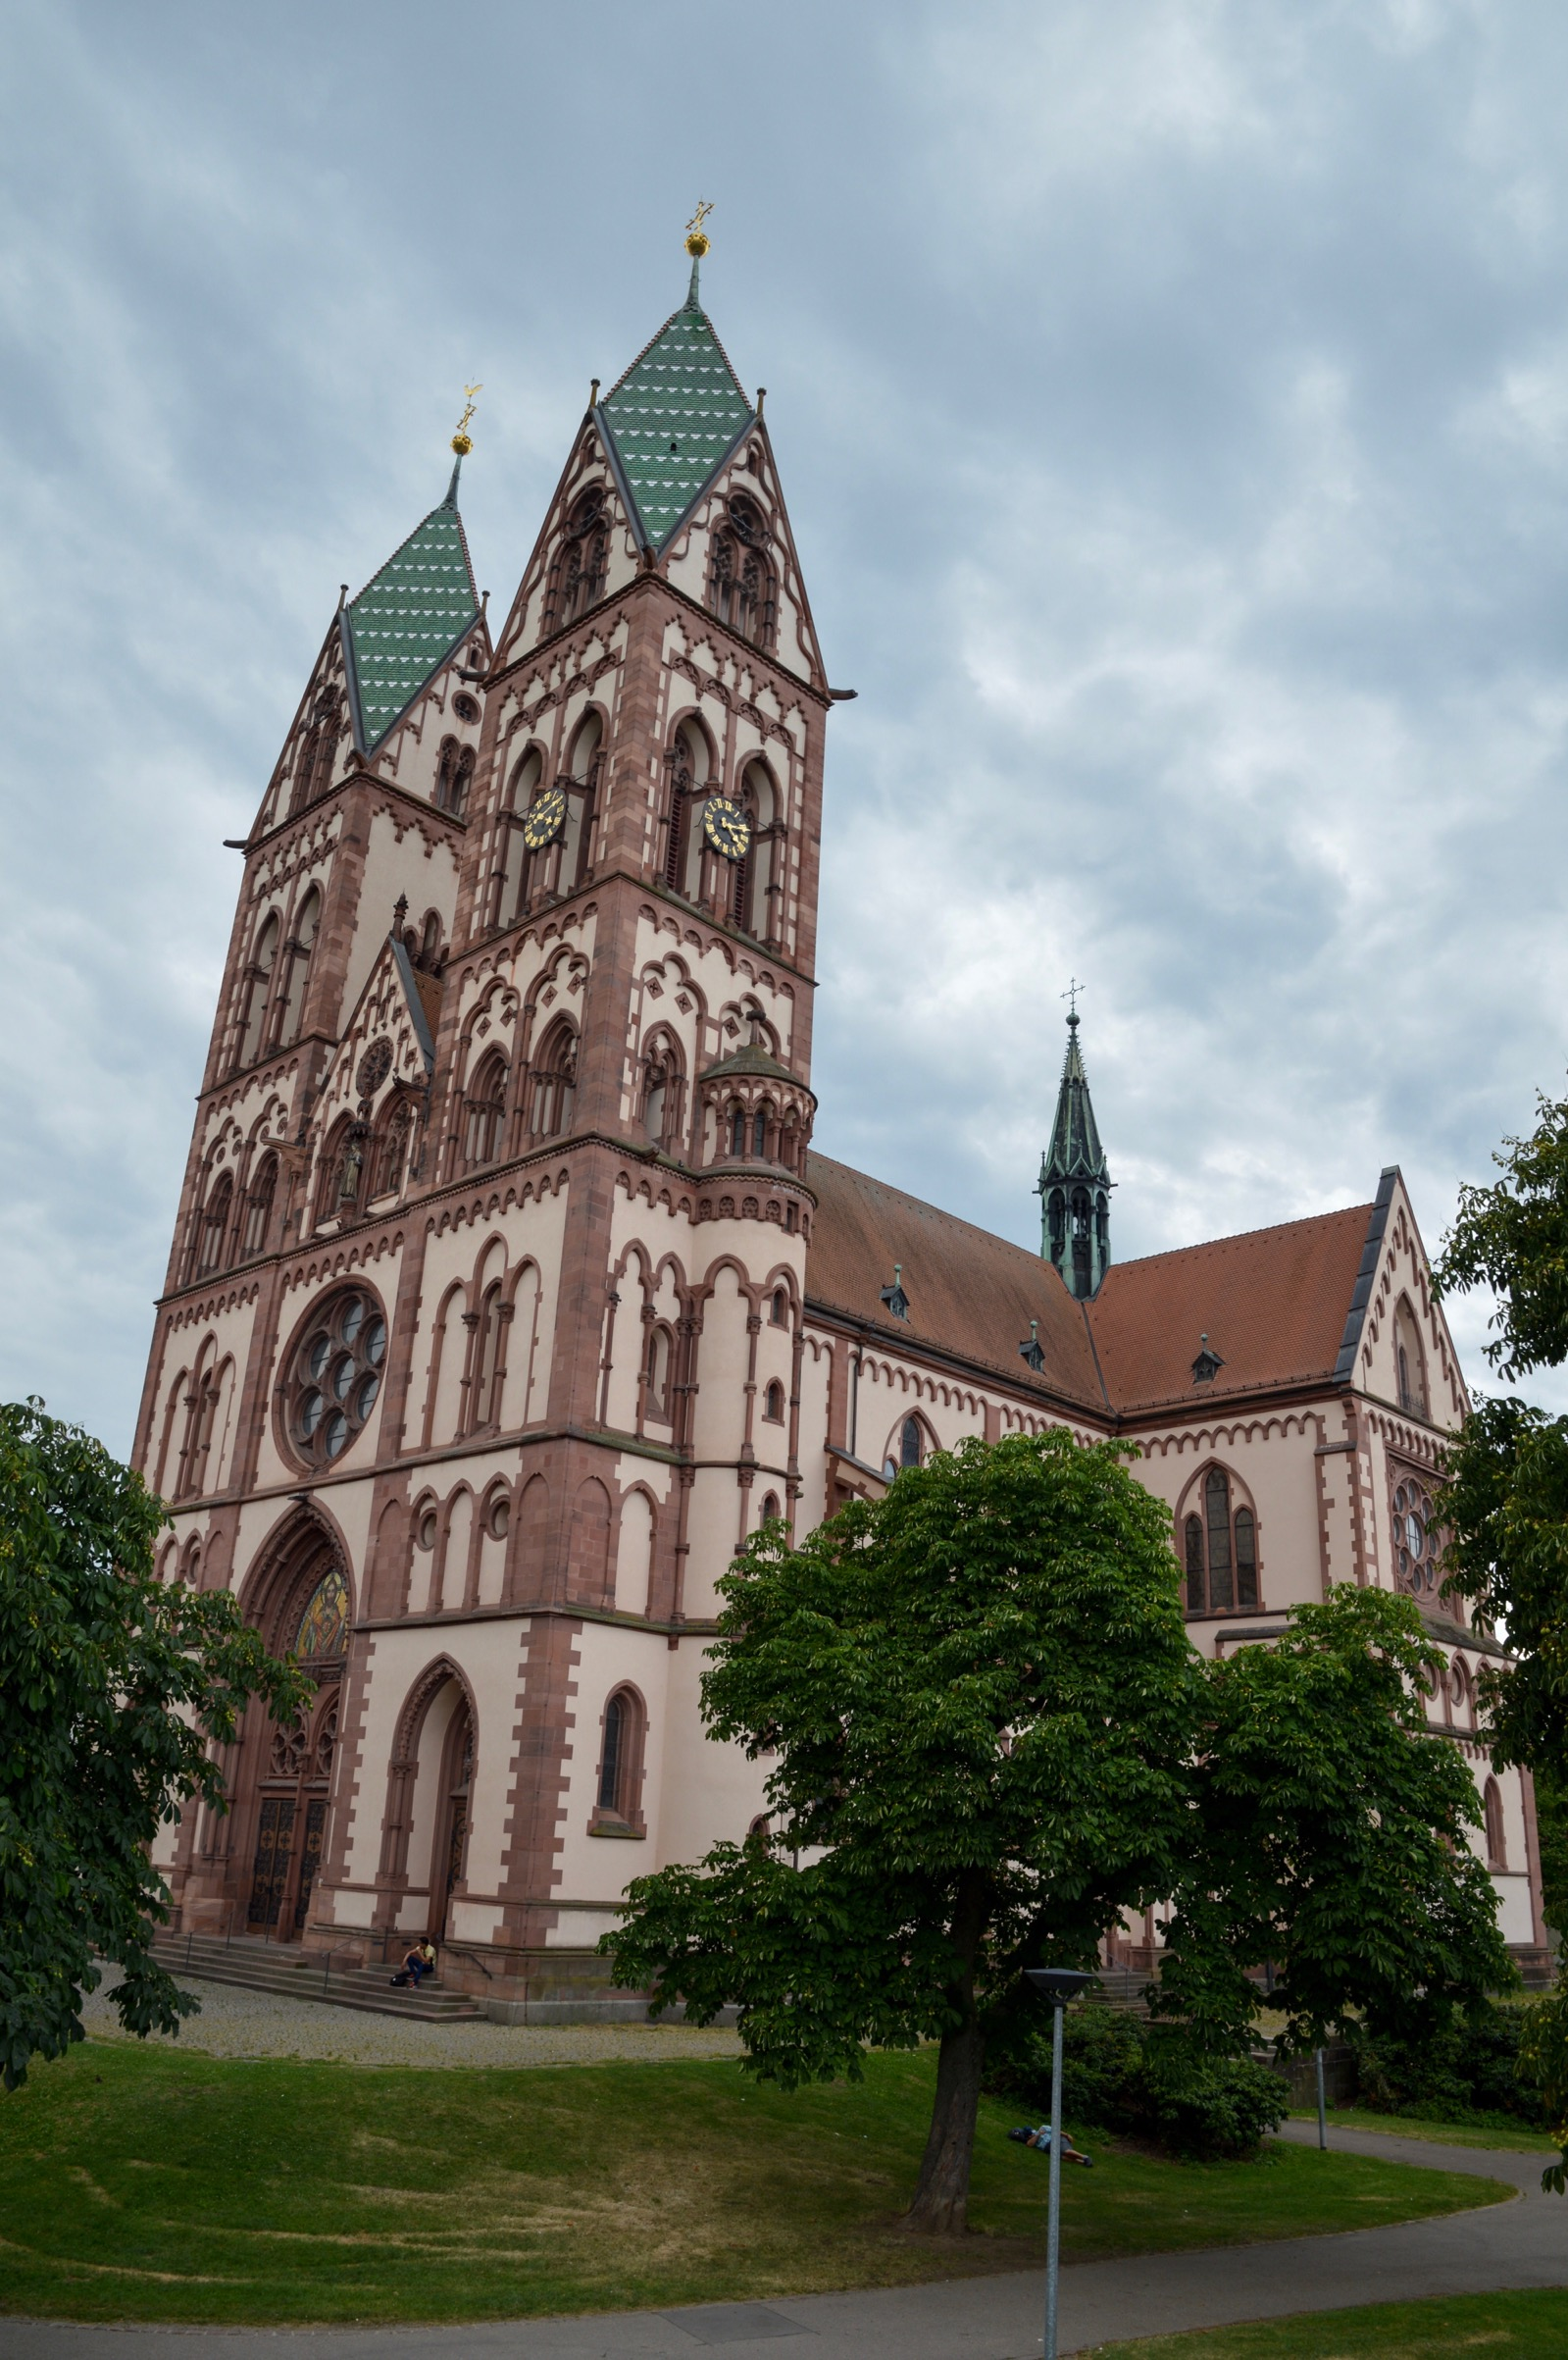 Herz-Jesu-Kirche, Freiburg, Germany